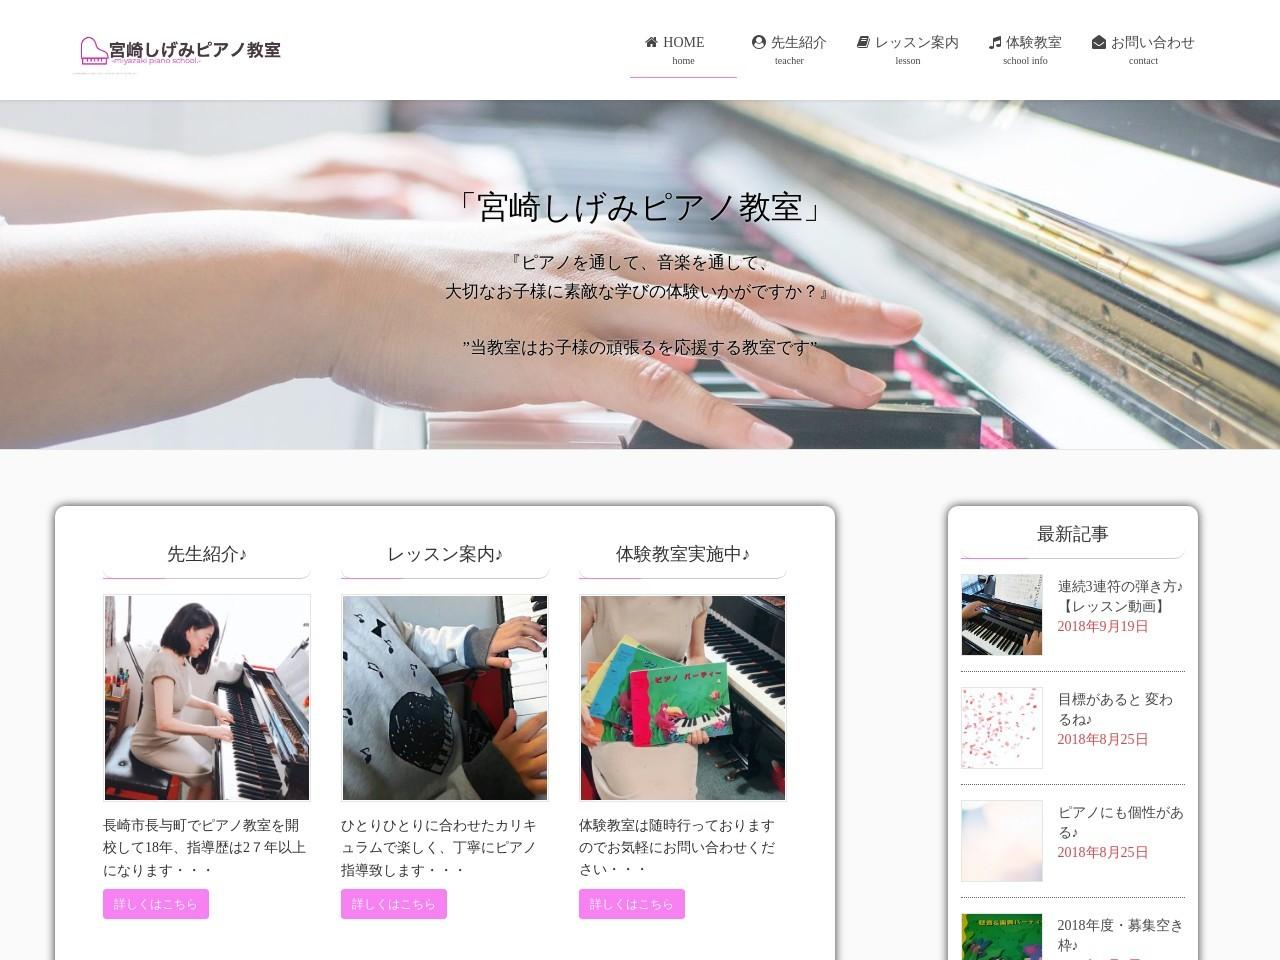 宮崎しげみピアノ教室のサムネイル